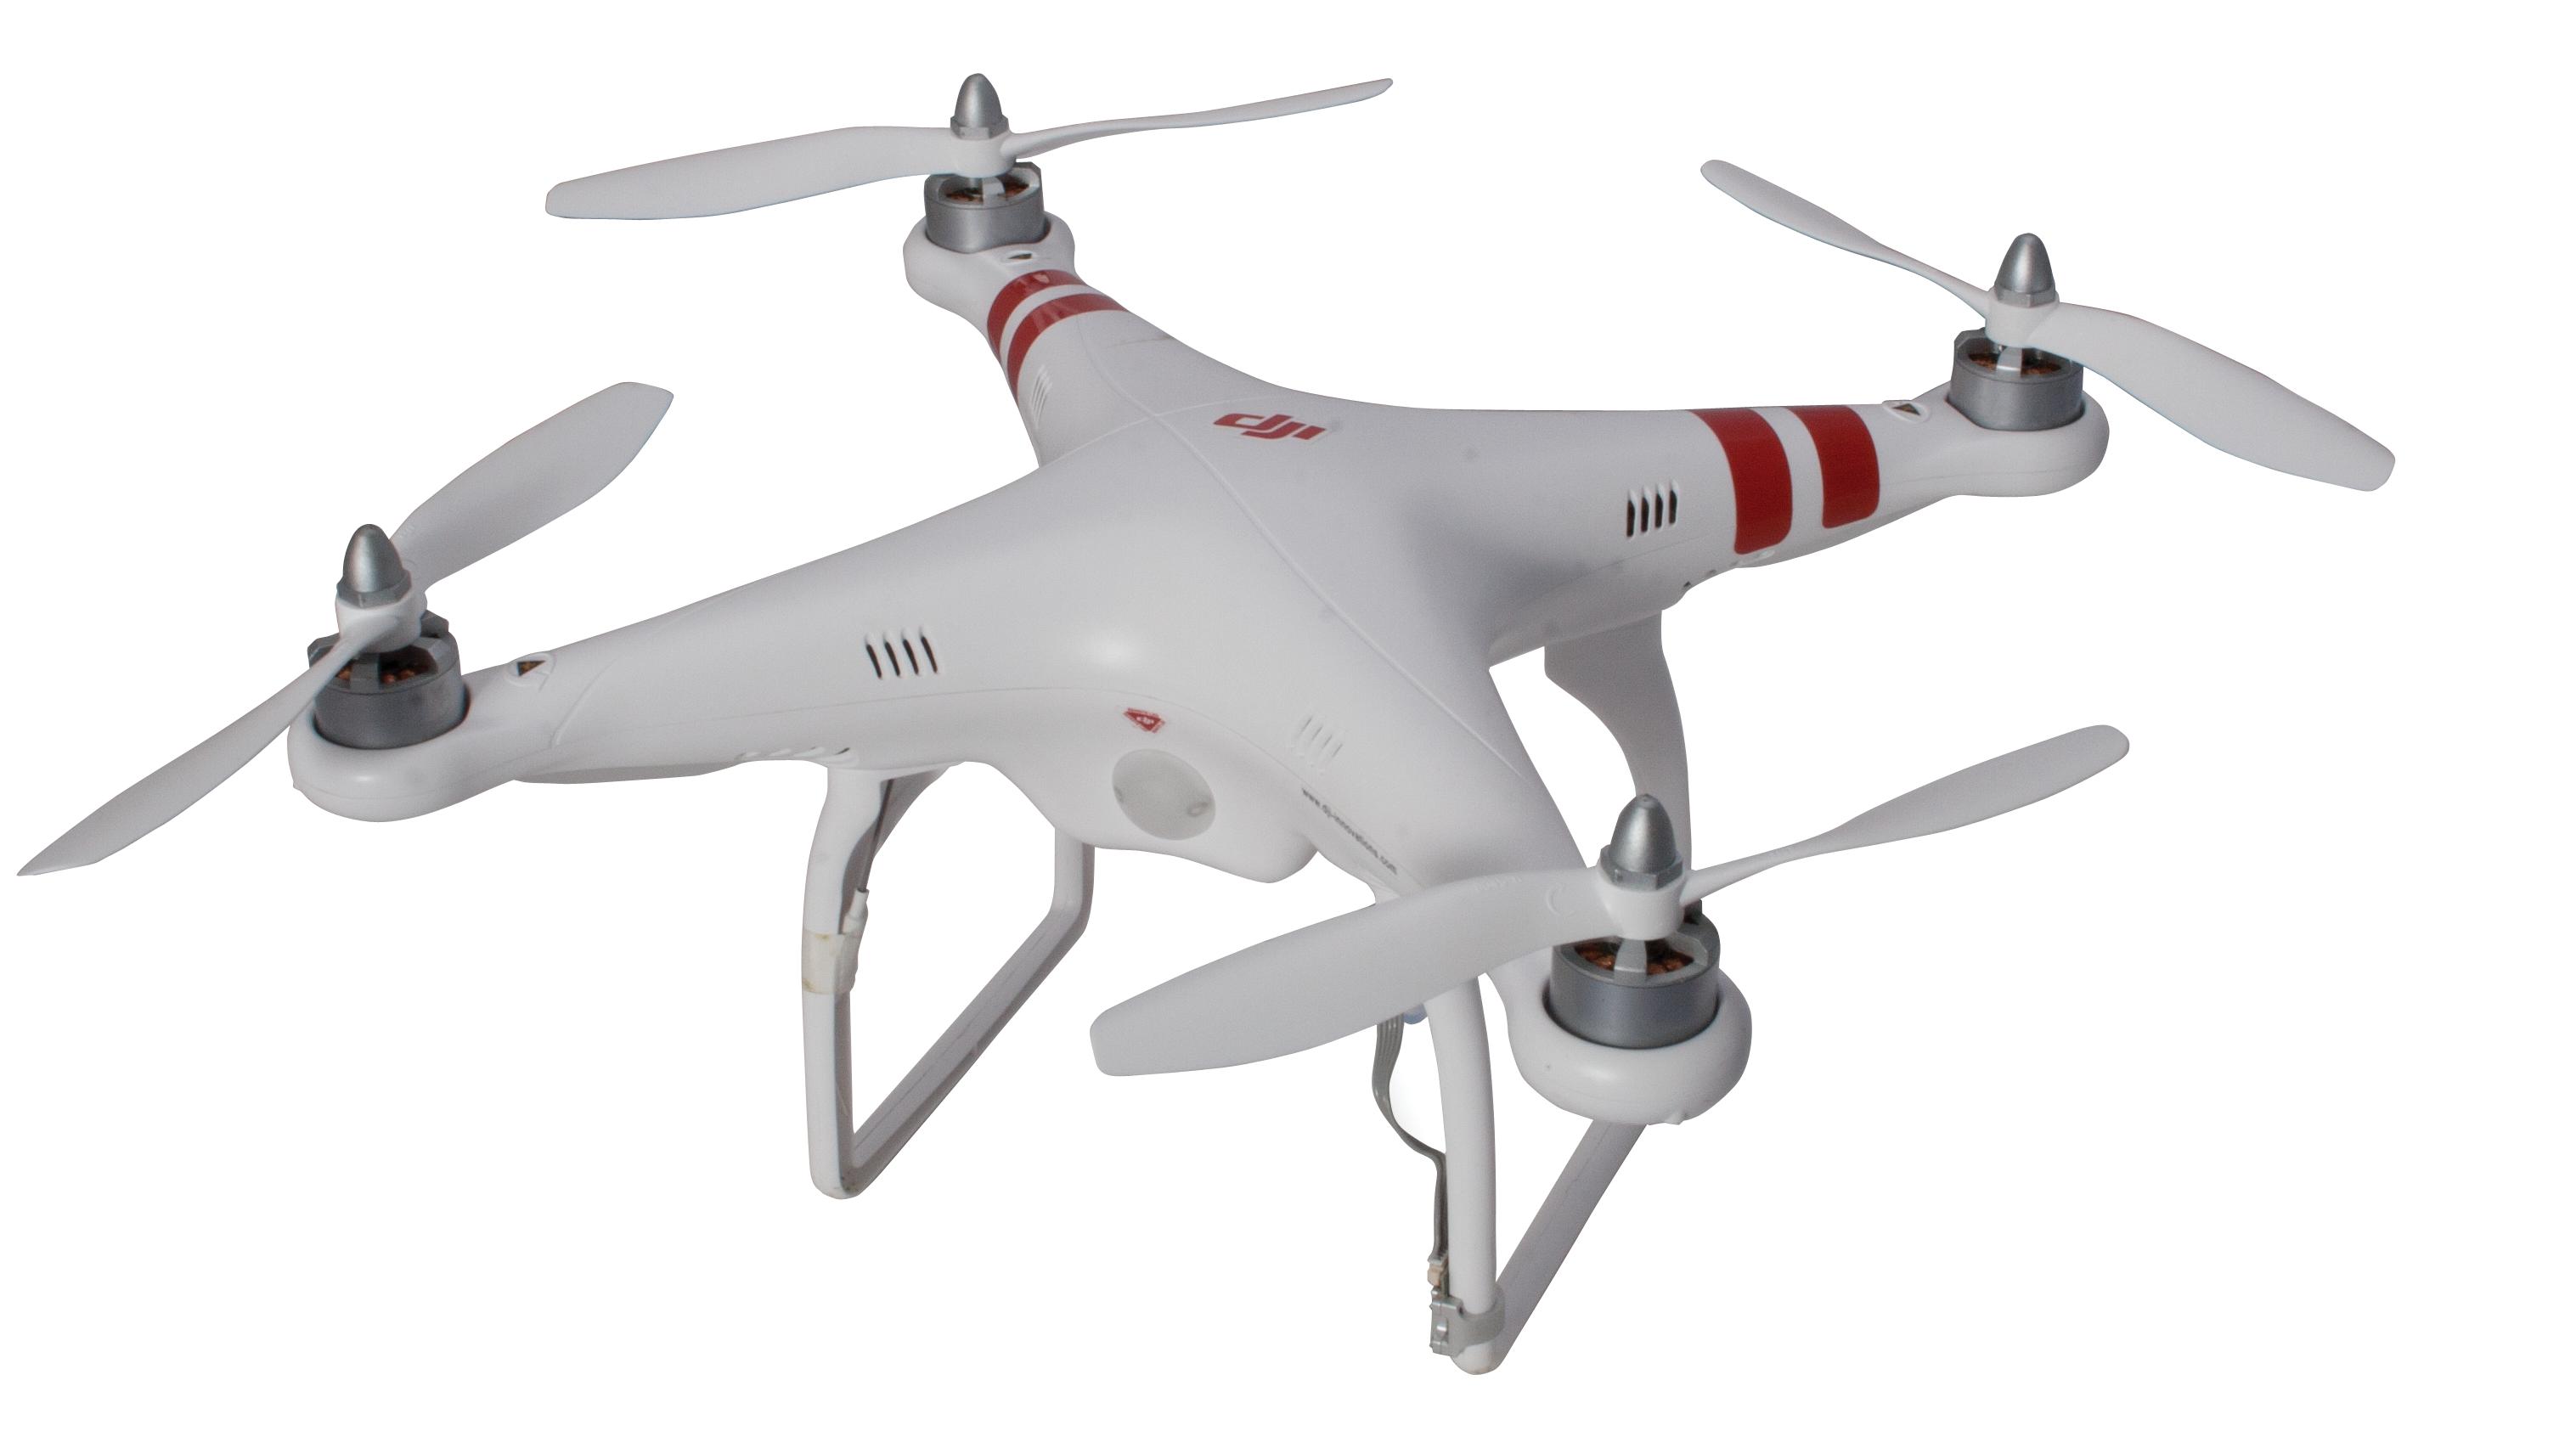 DJI Innovations Phantom Quadcopter Review